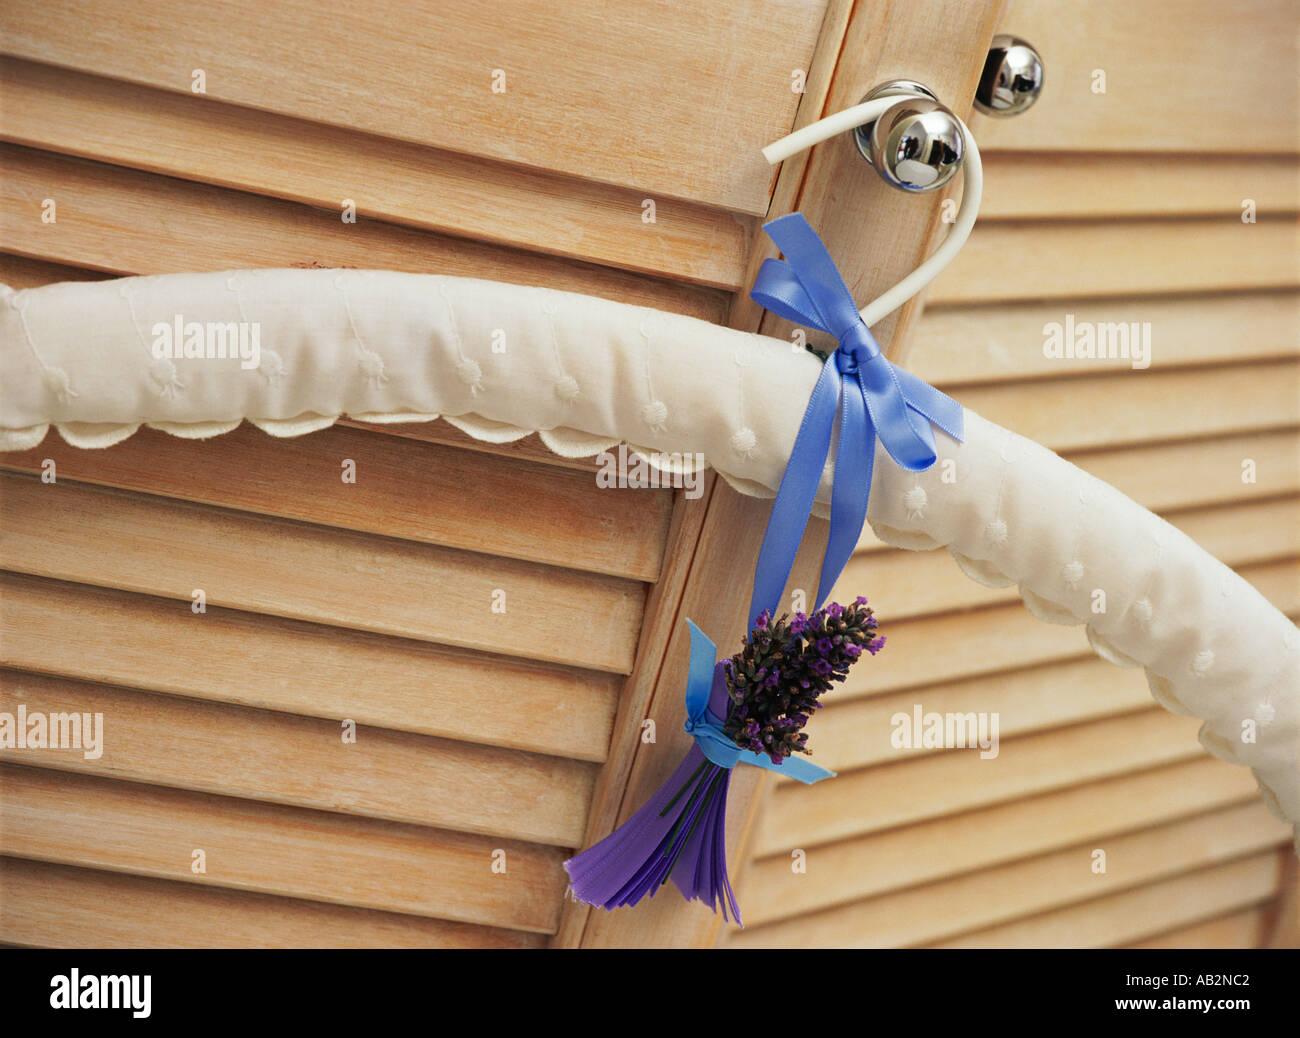 Ein Kleiderbügel hängen an einer Schranktür Stockbild